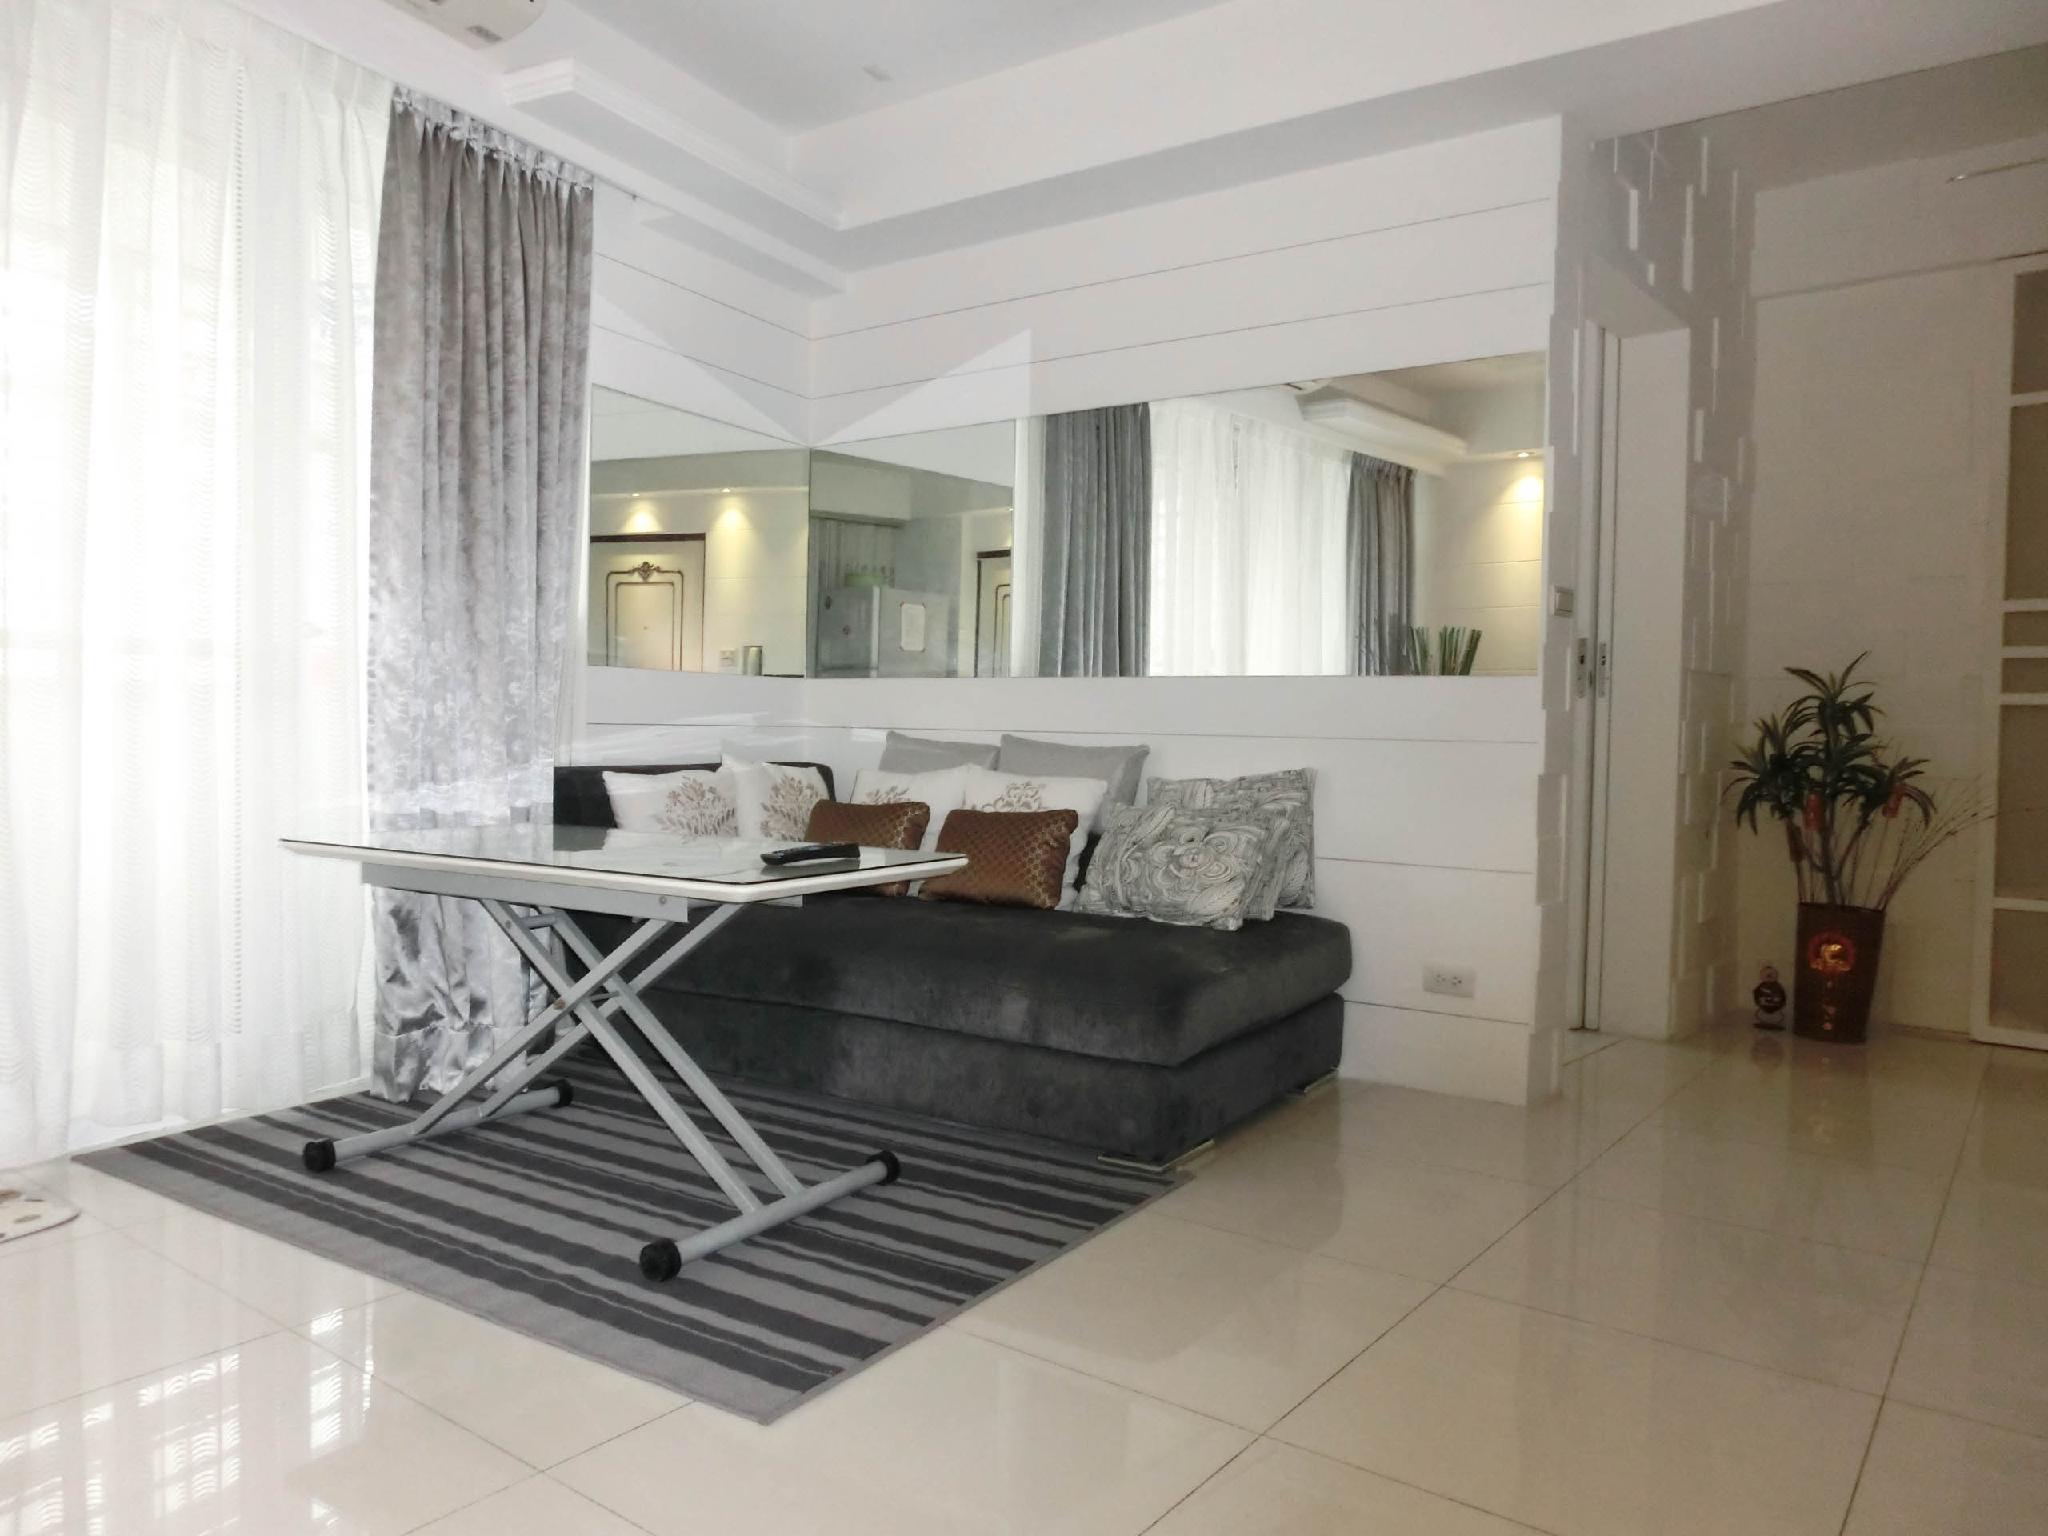 3 Rooms 3 Beds  2bath  Dongmen MRT1 Mins  Yongkang